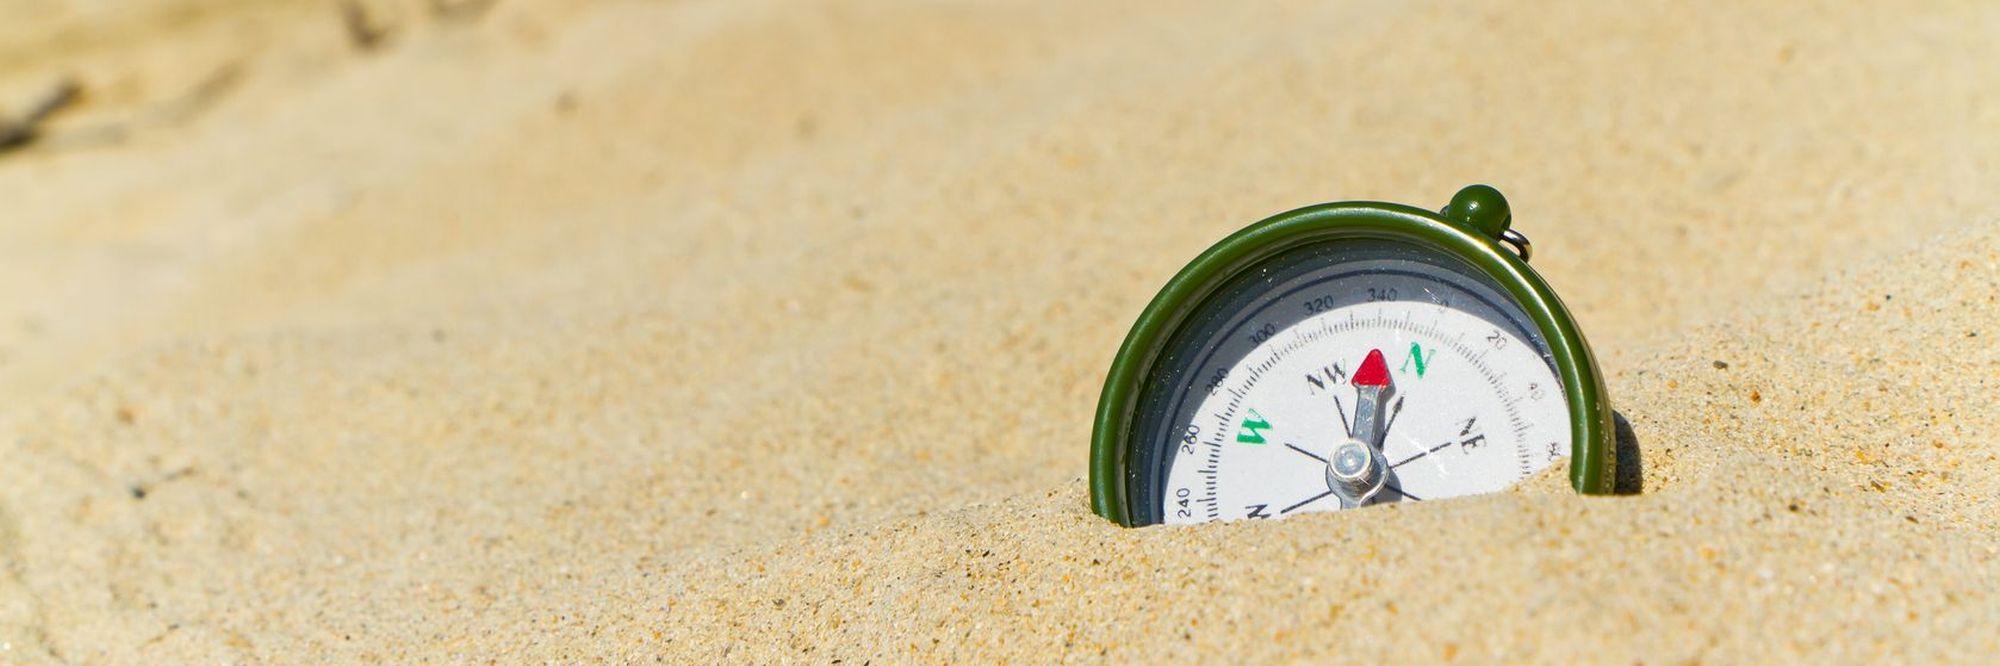 header foto kompas bij pagina over routeplanners